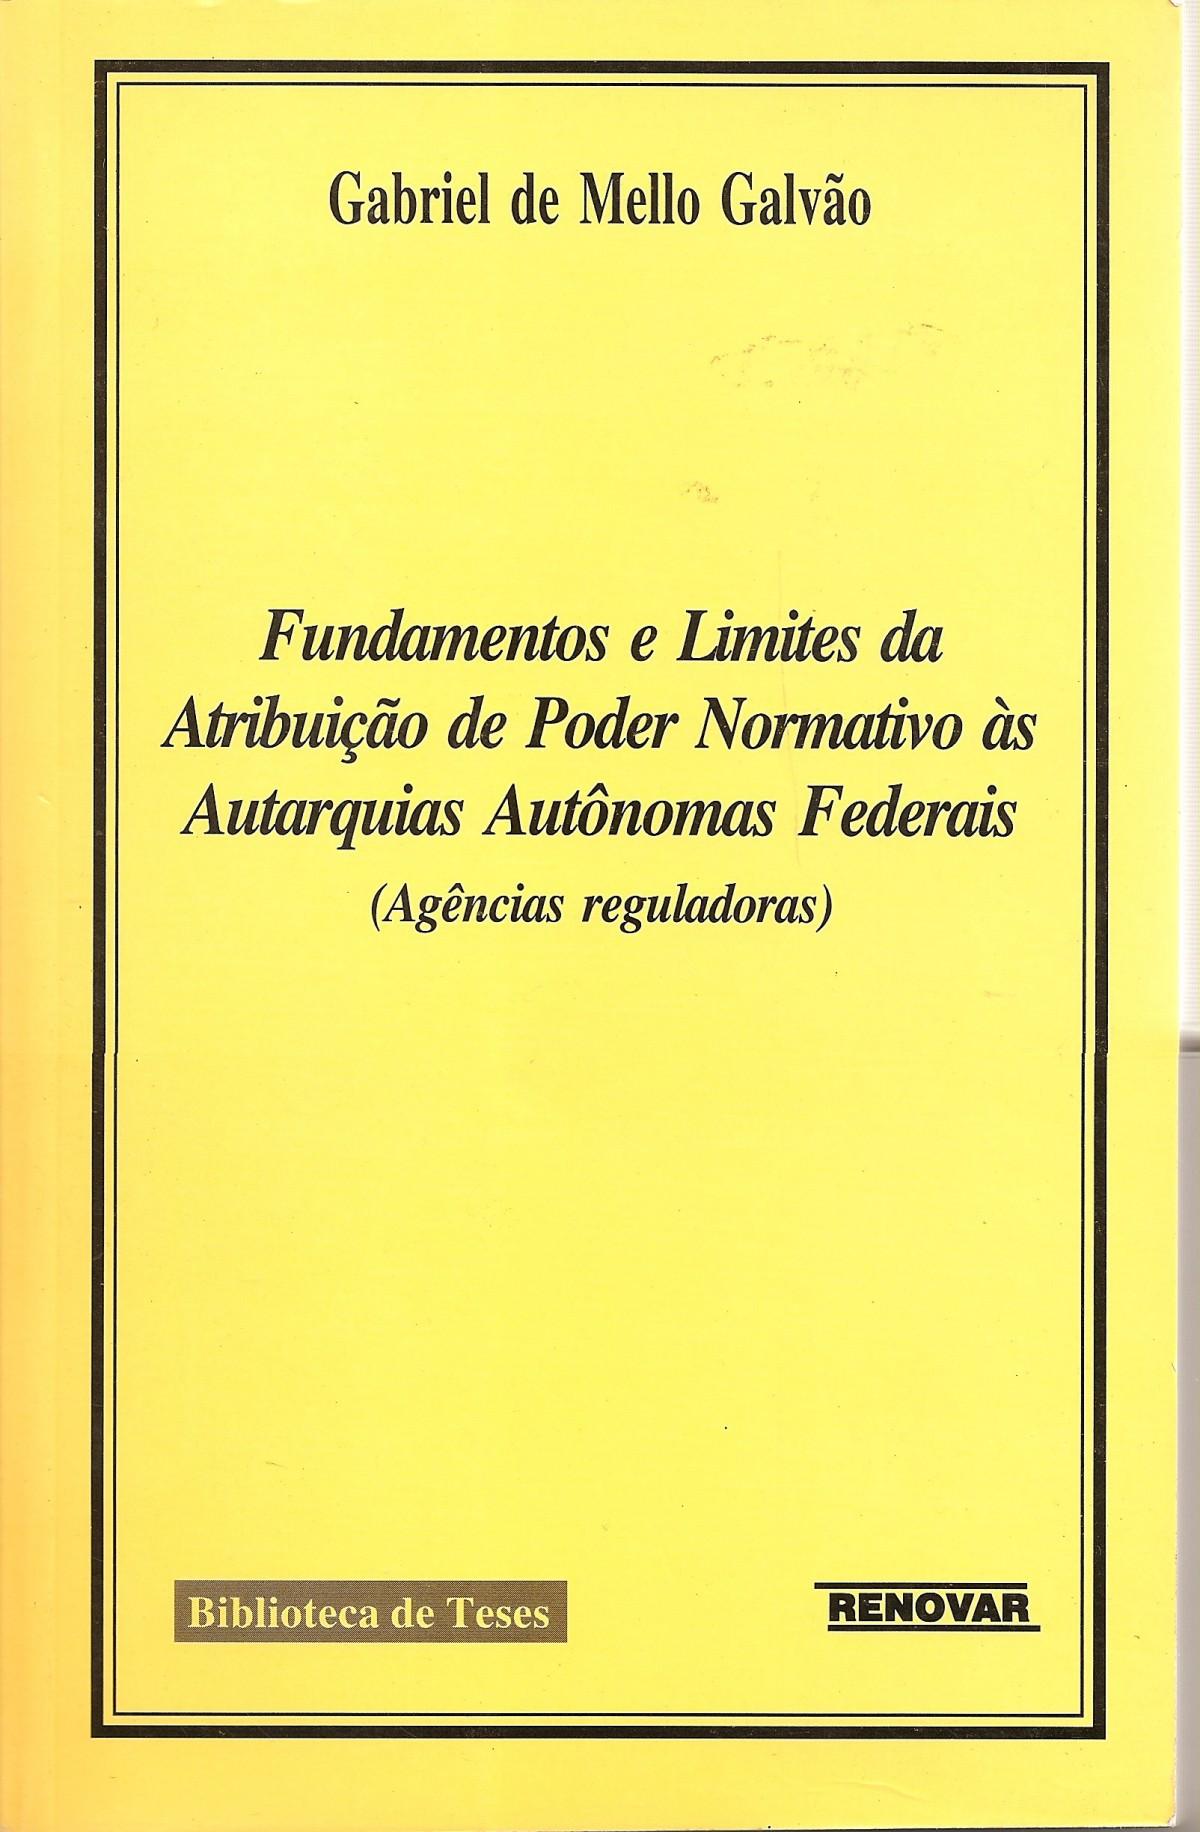 Foto 1 - Fundamentos e Limites da Atribuição de Poder Normativo Às Autarquias Autônomas Federais